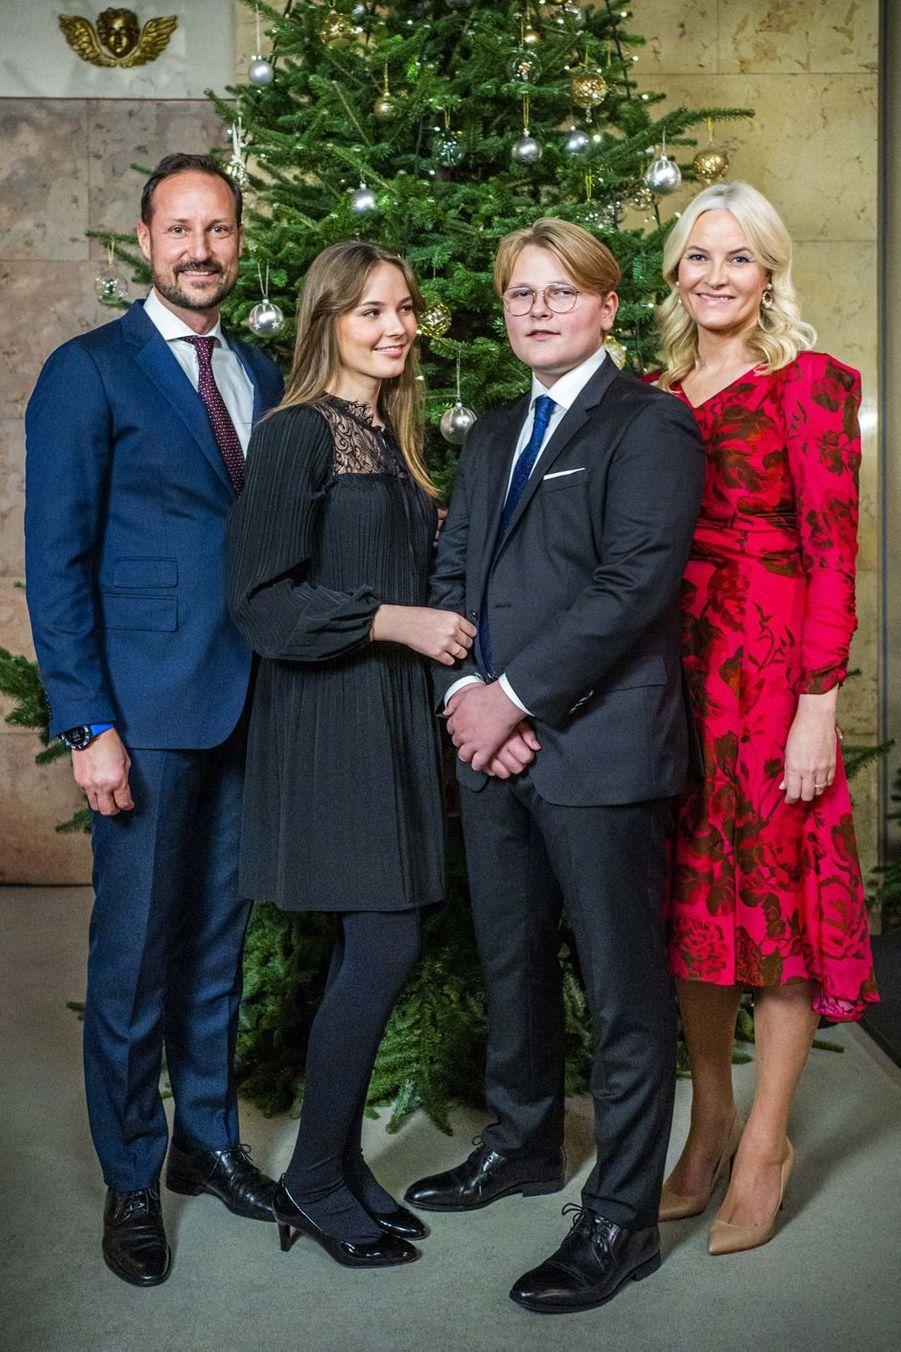 Le prince héritier Haakon de Norvège, la princesse Mette-Marit, la princesse Ingrid Alexandra et le prince Sverre Magnus à Oslo, le 15 décembre 2020